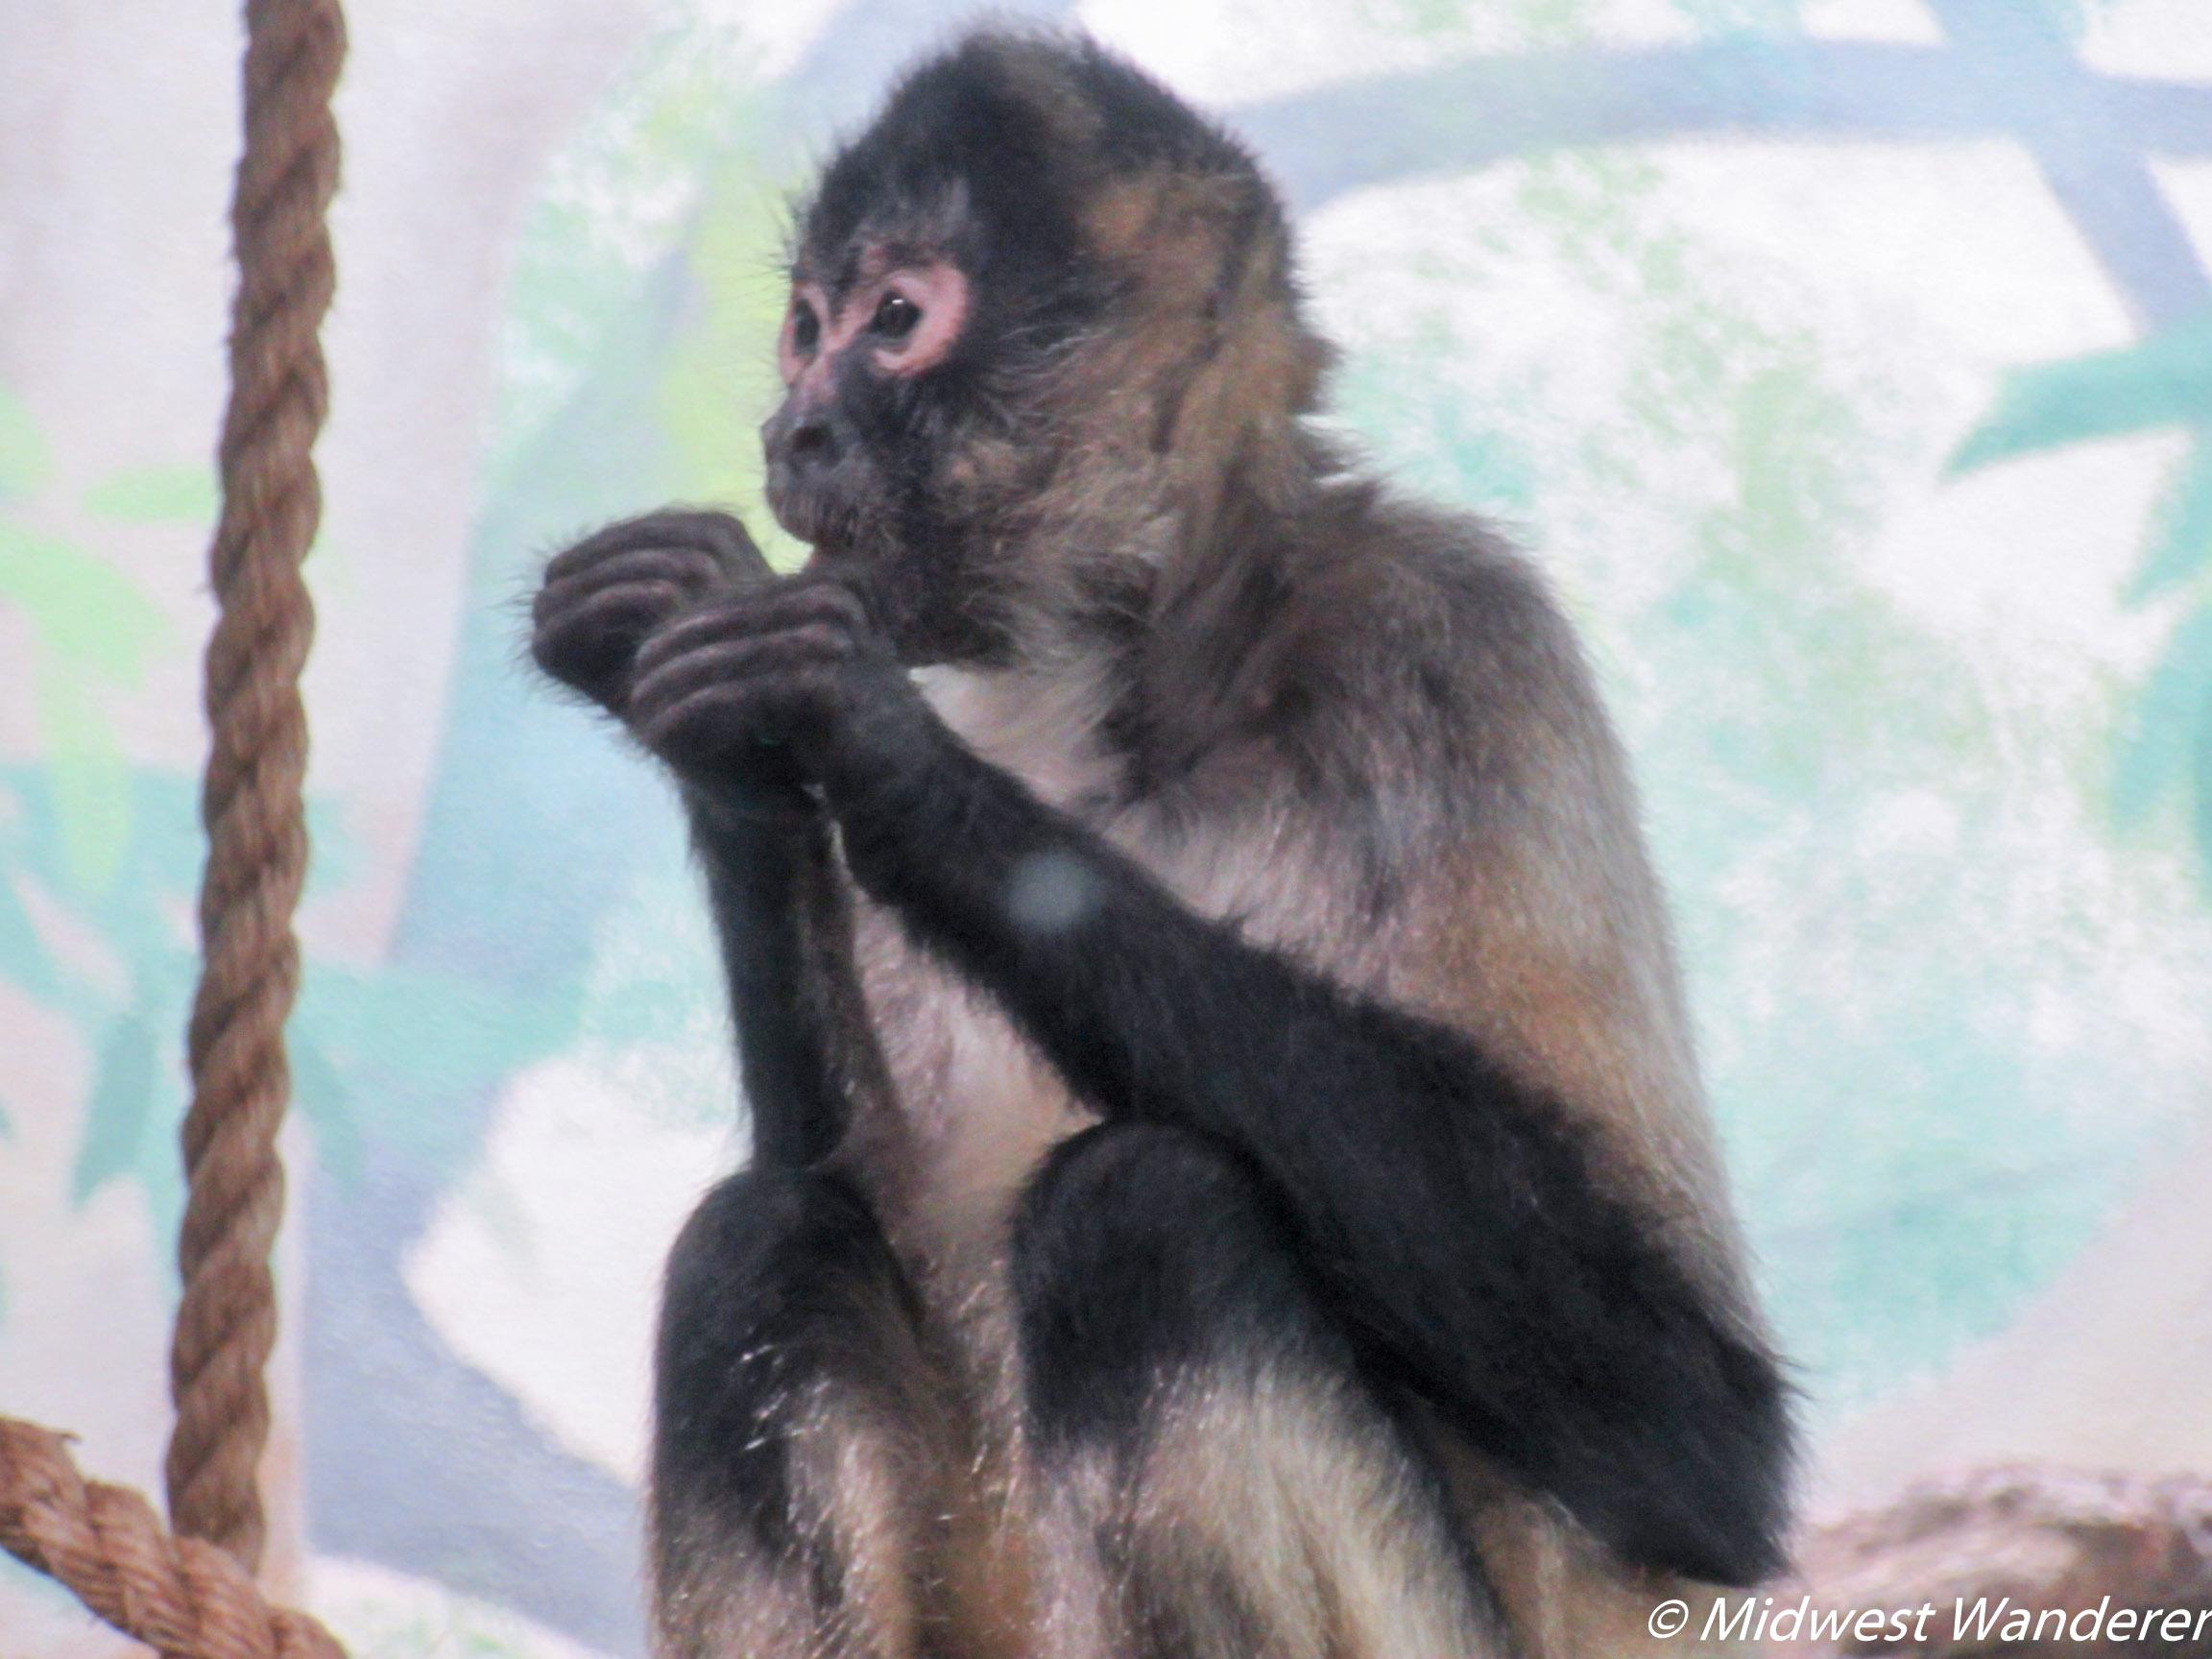 St Louis Zoo - Monkey